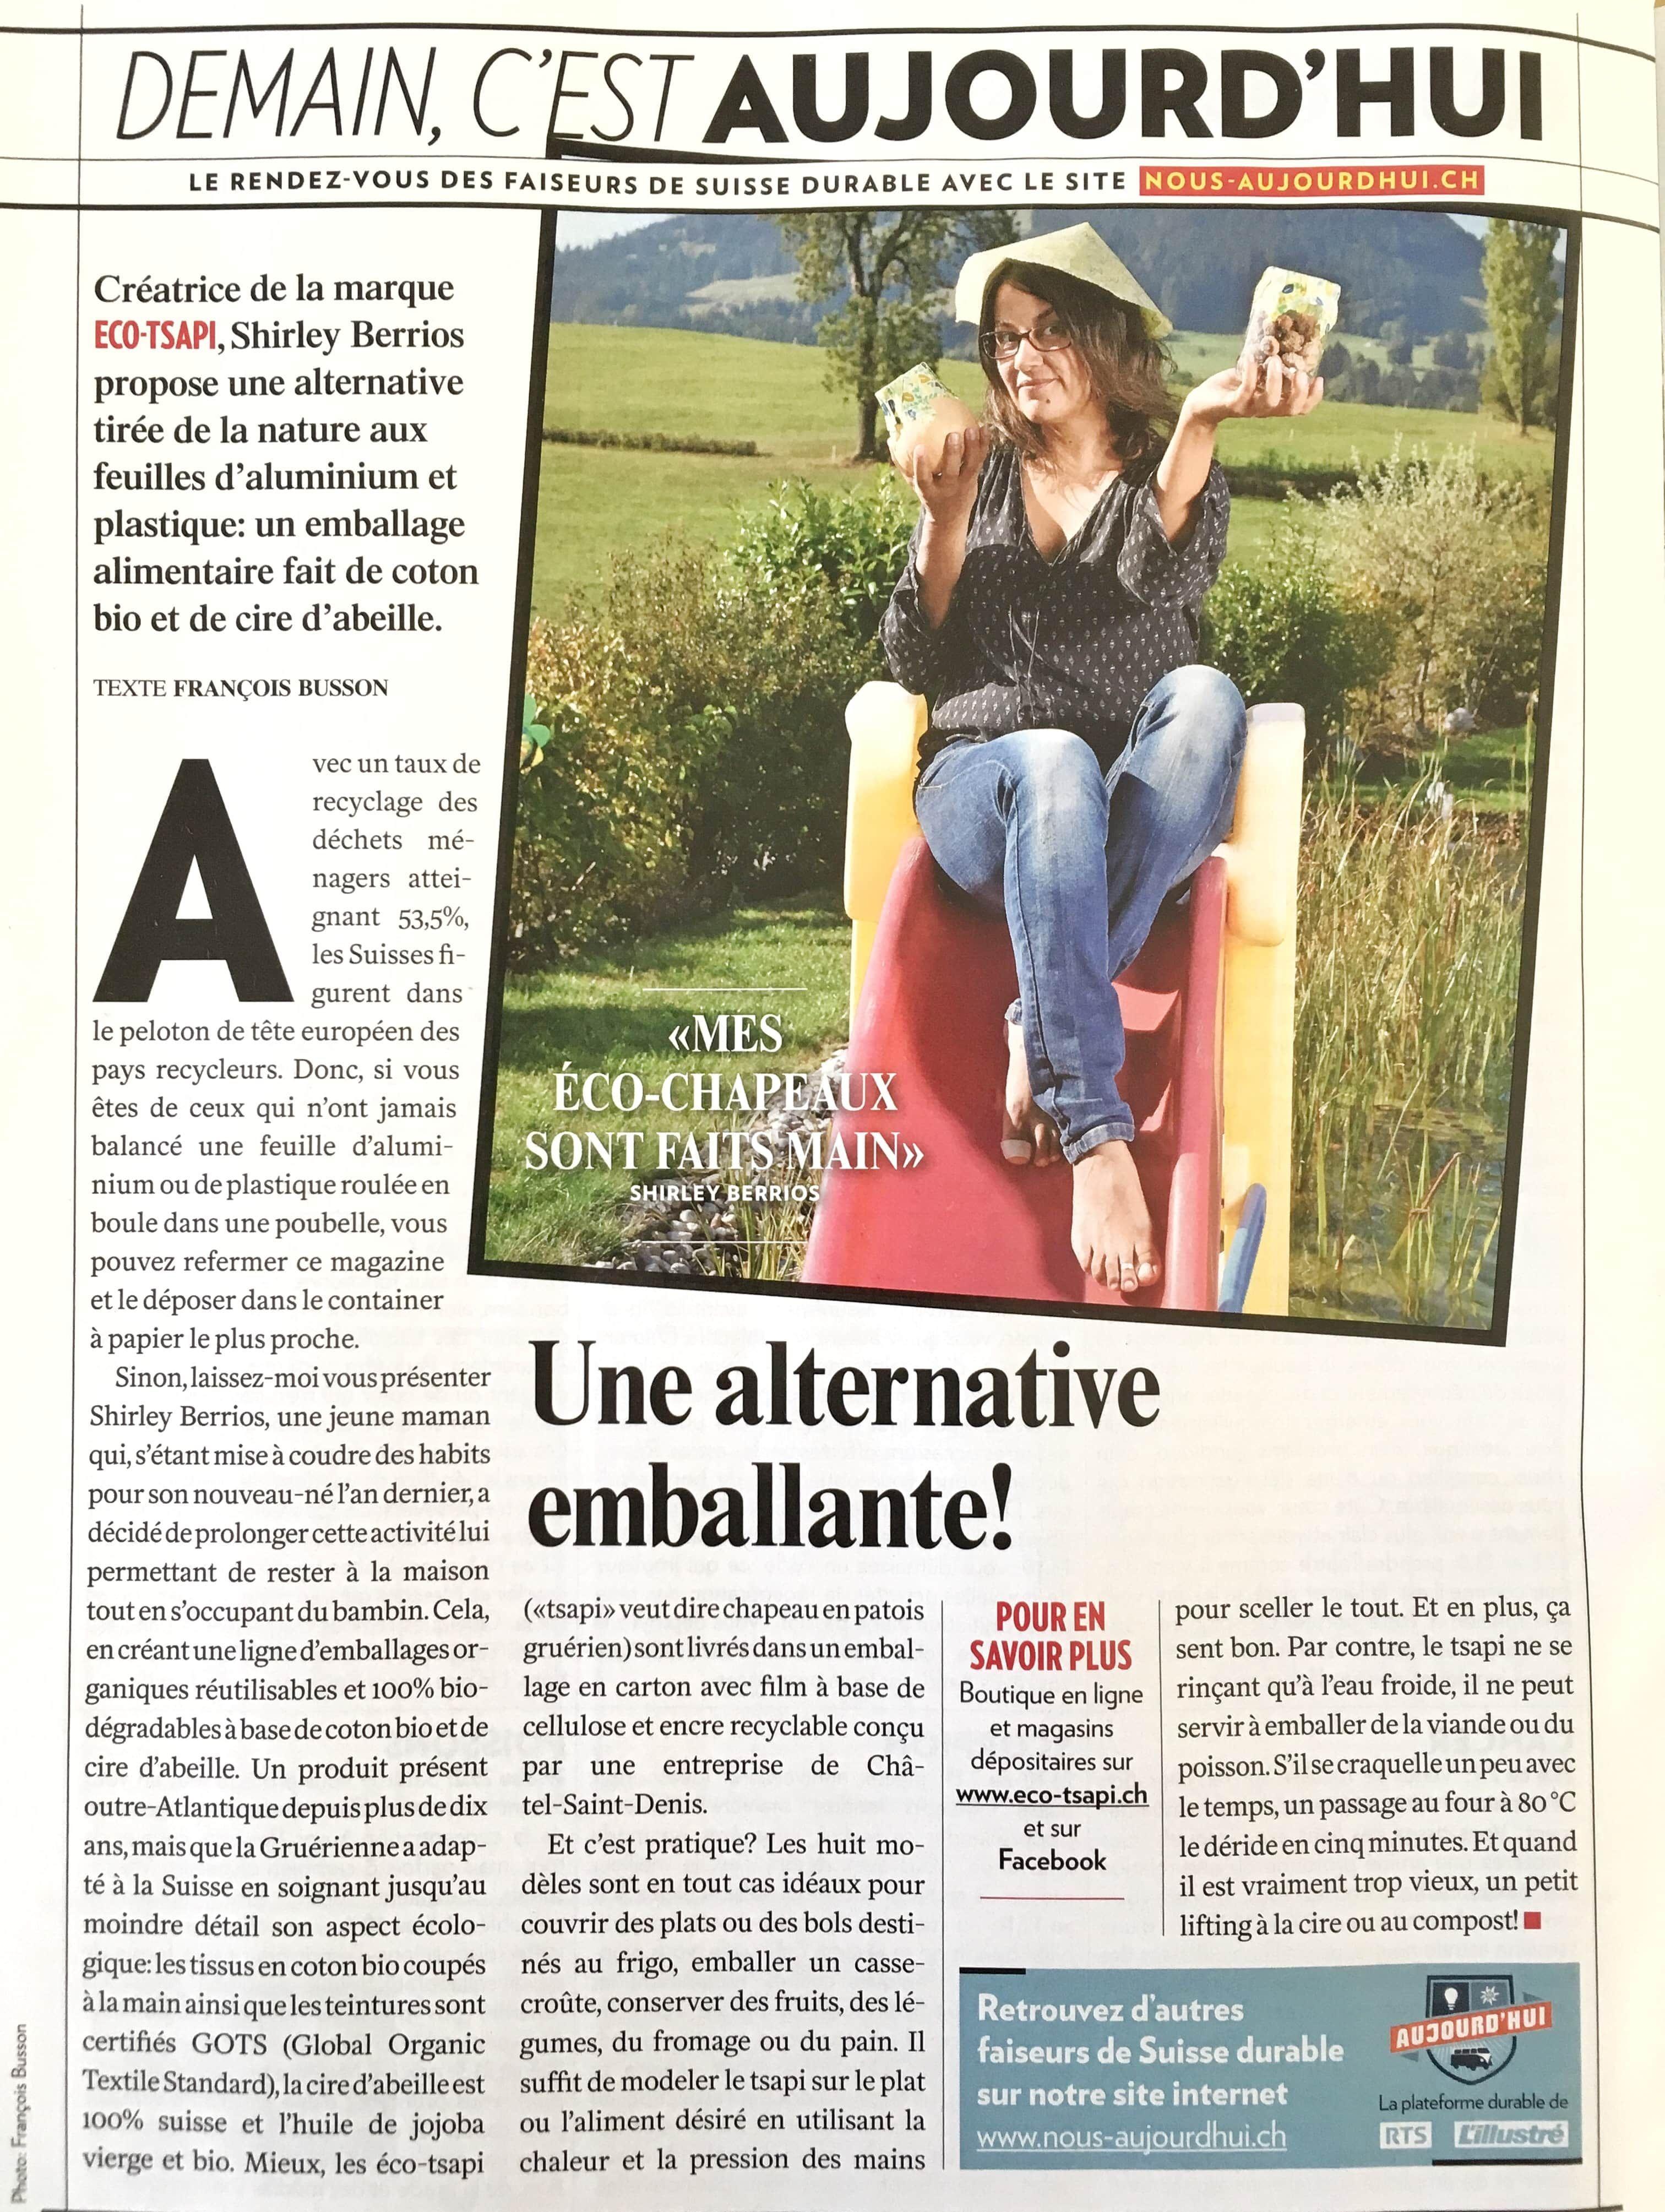 eco-tsapi L'Illustré Demain c'est aujourd'hui | www.nous-aujourd'hui.ch